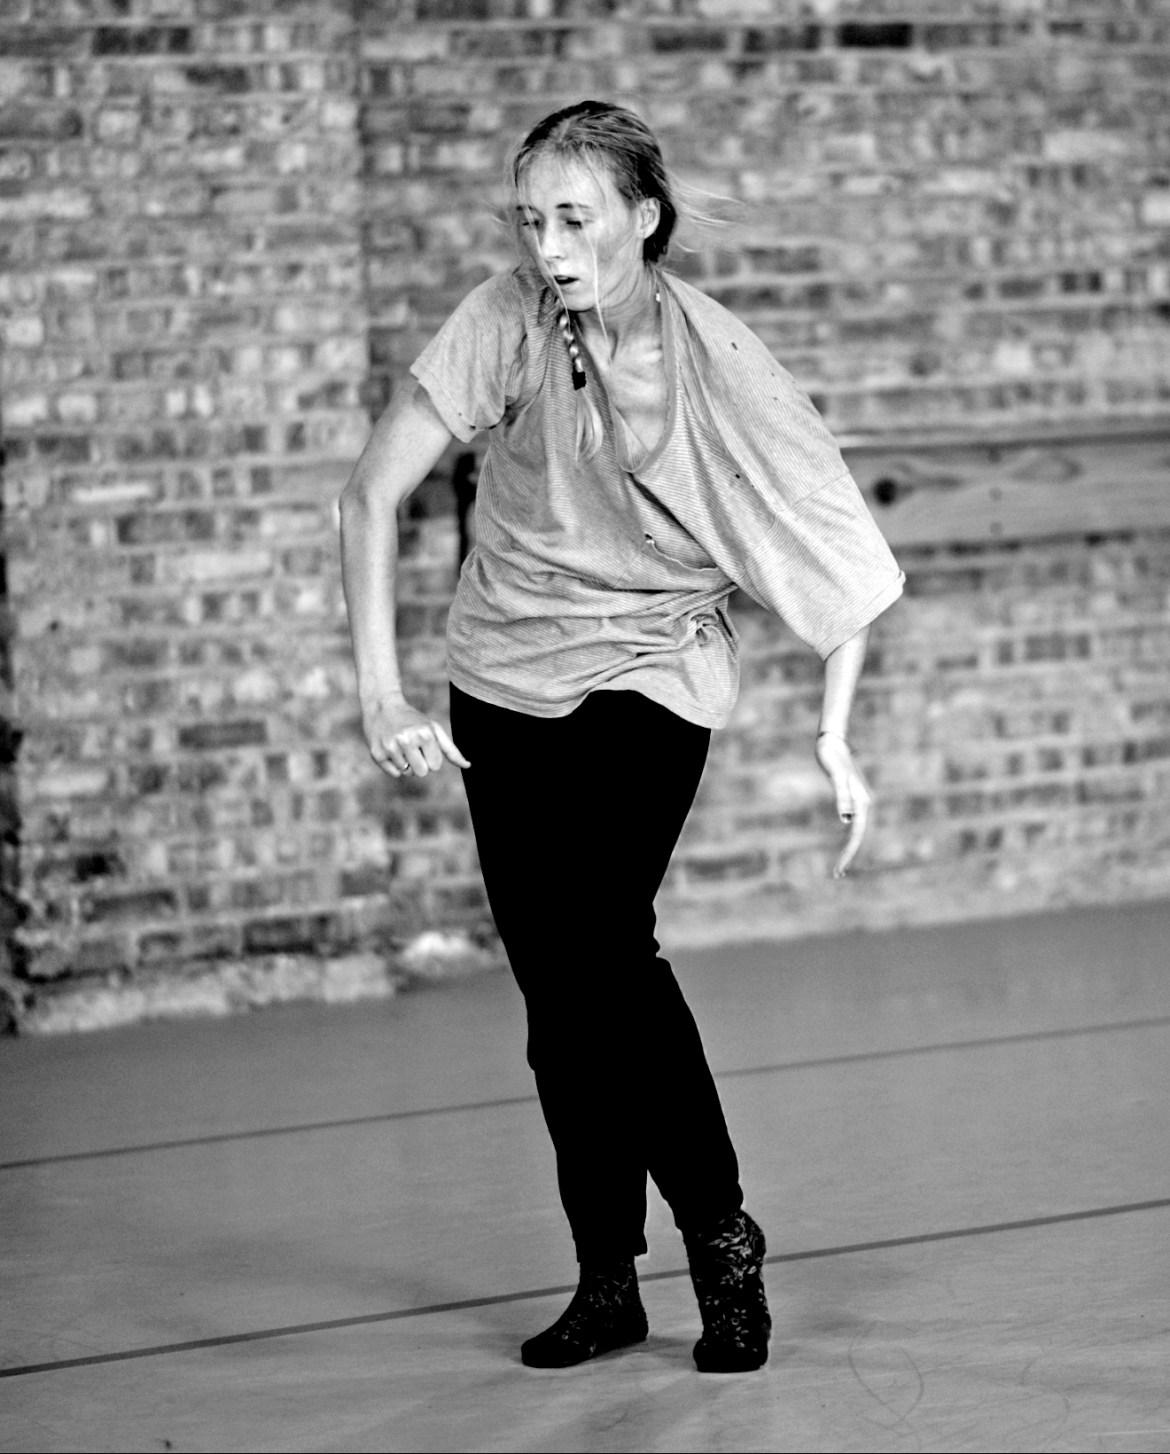 cocodaco Dance Project's Quincie Bean (Photo by Ren Freeman)